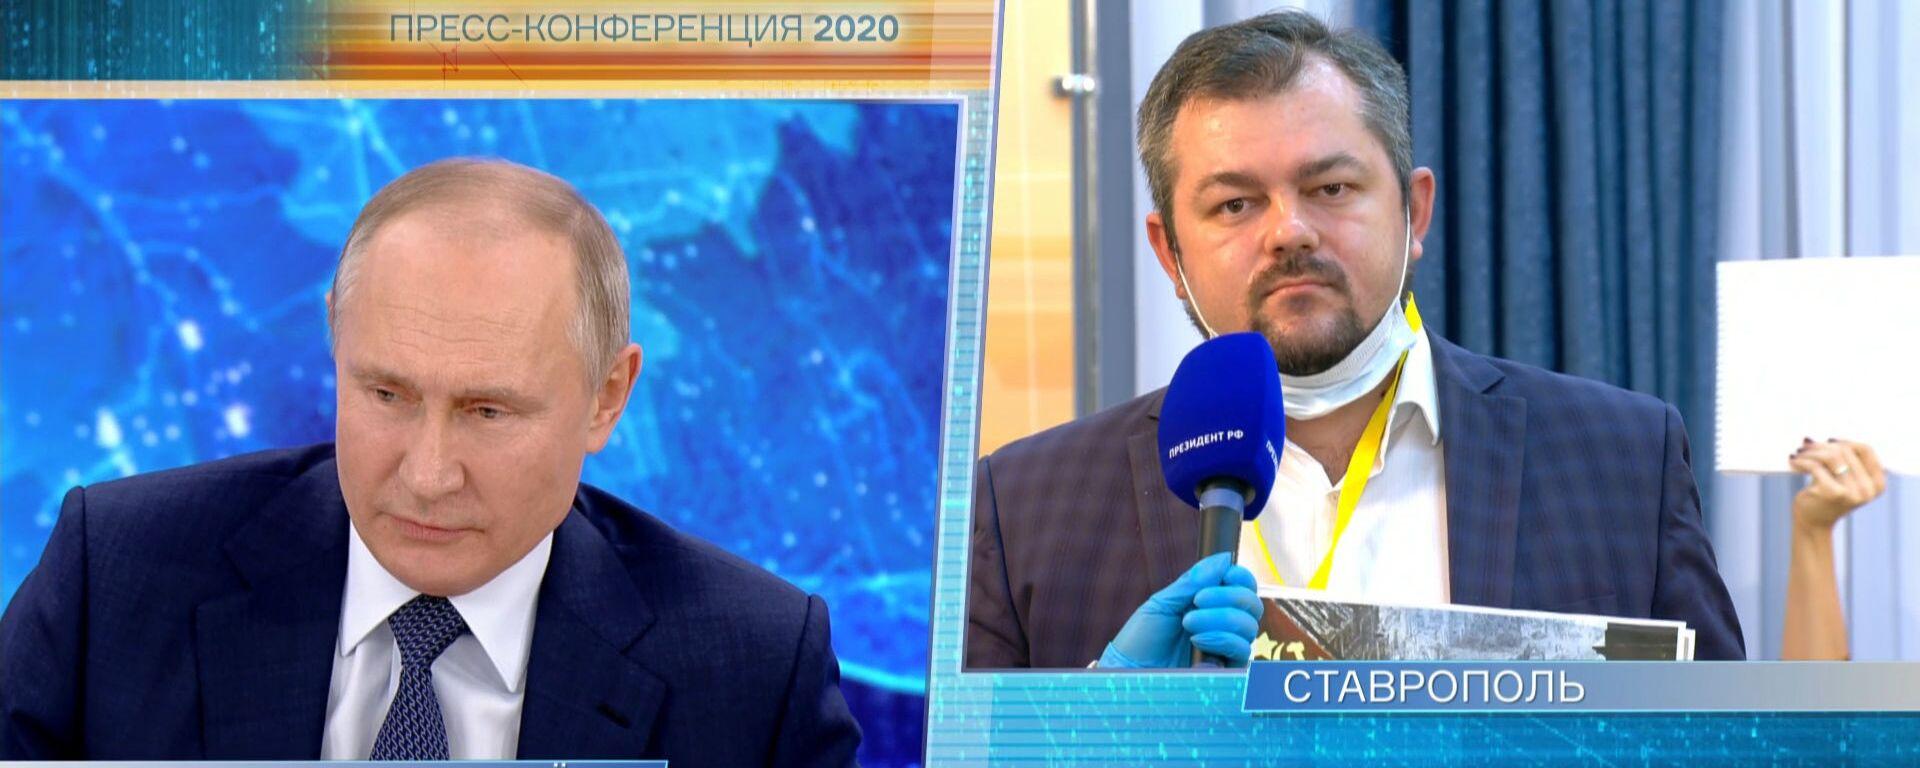 Путин: Россия должна быть сильной, чтобы не допустить переписывания истории - Sputnik Латвия, 1920, 17.12.2020